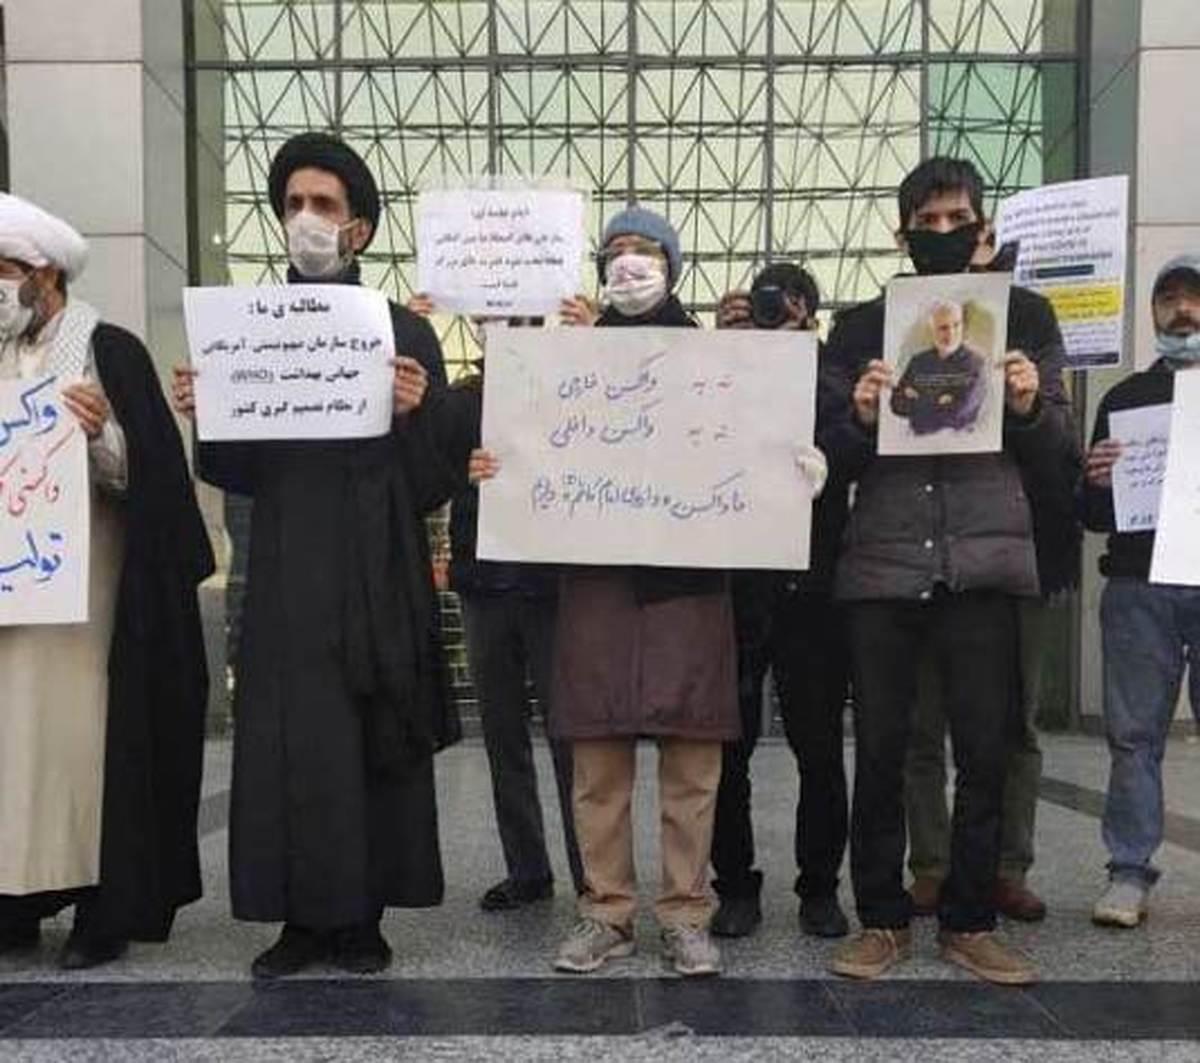 اعتراض به خرید واکسن خارجی با تجمع اعتراضی برگزار شد